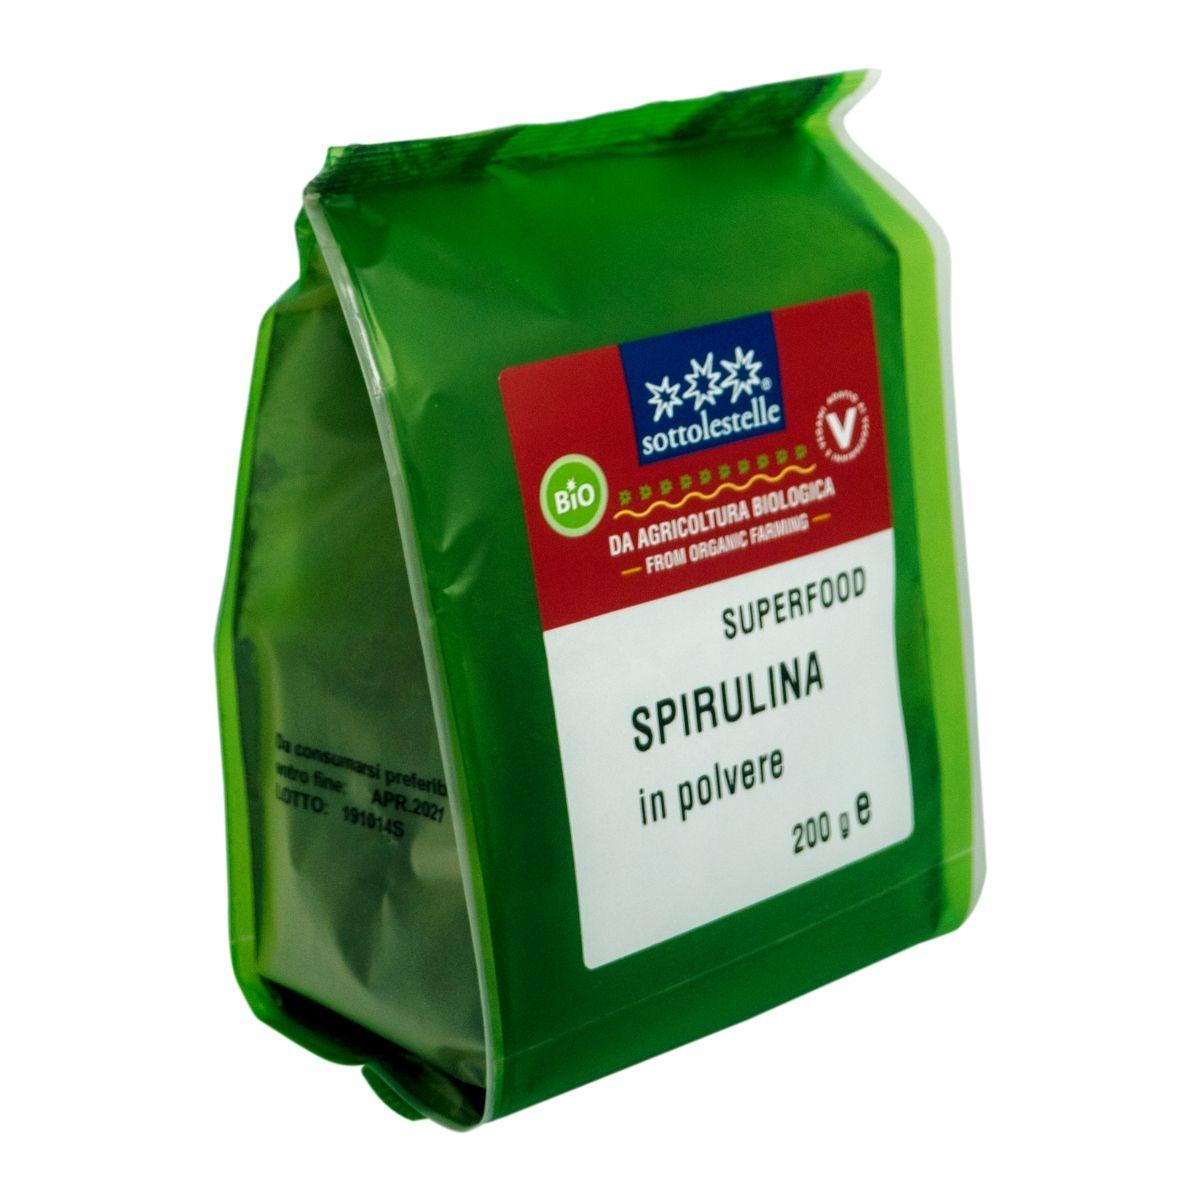 8032454071406 B Bột tảo Spirulina hữu cơ Sotto 200g - Spirulina in polvere